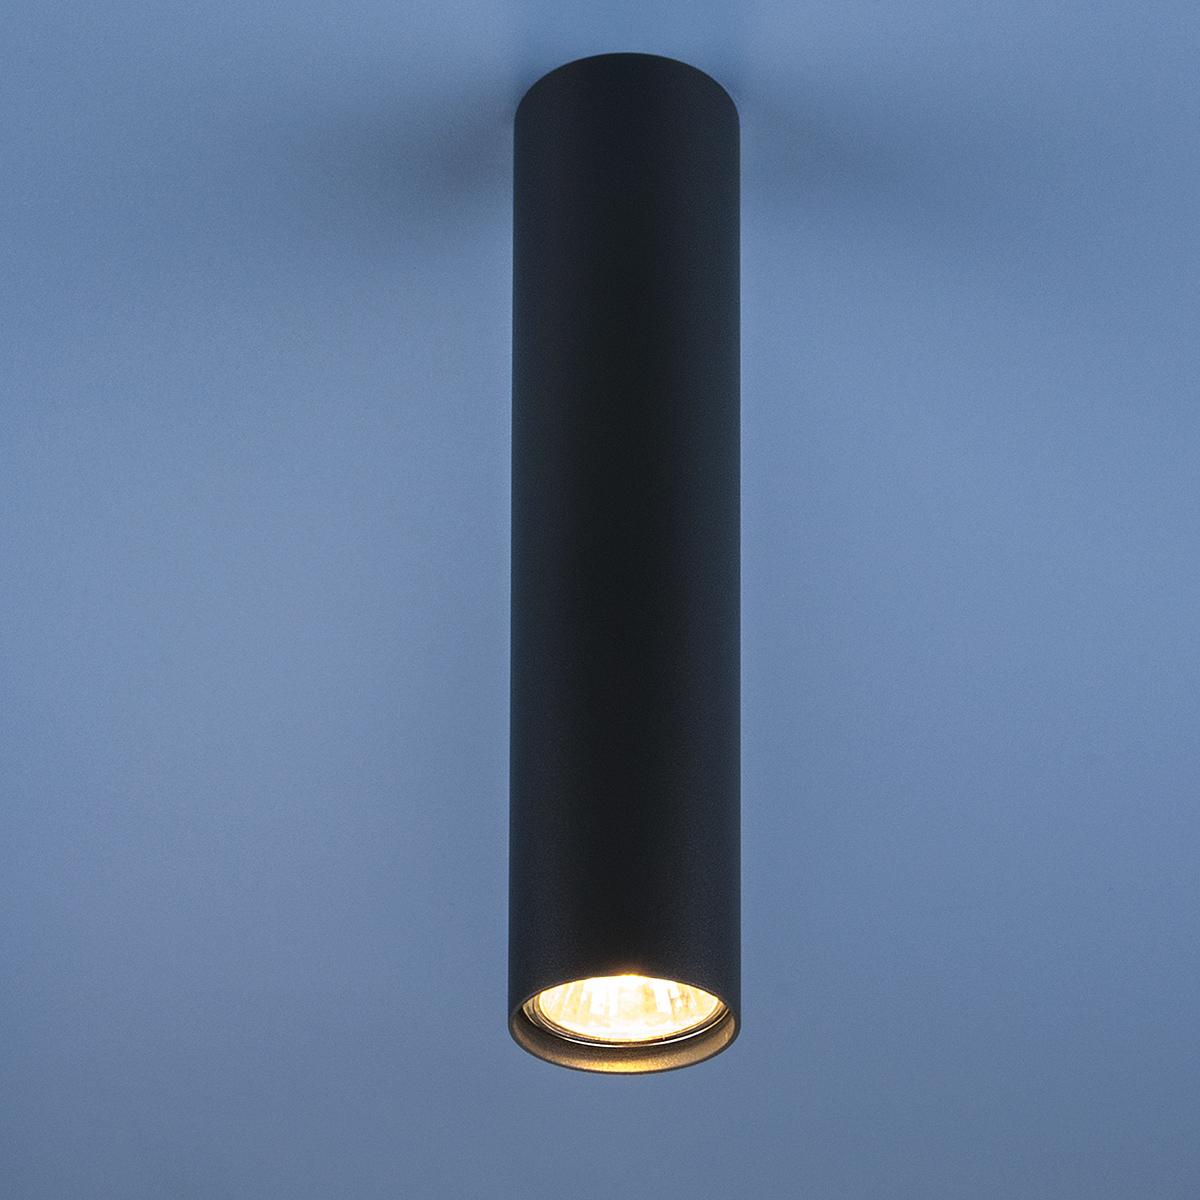 Накладной точечный светильник 5464 графит